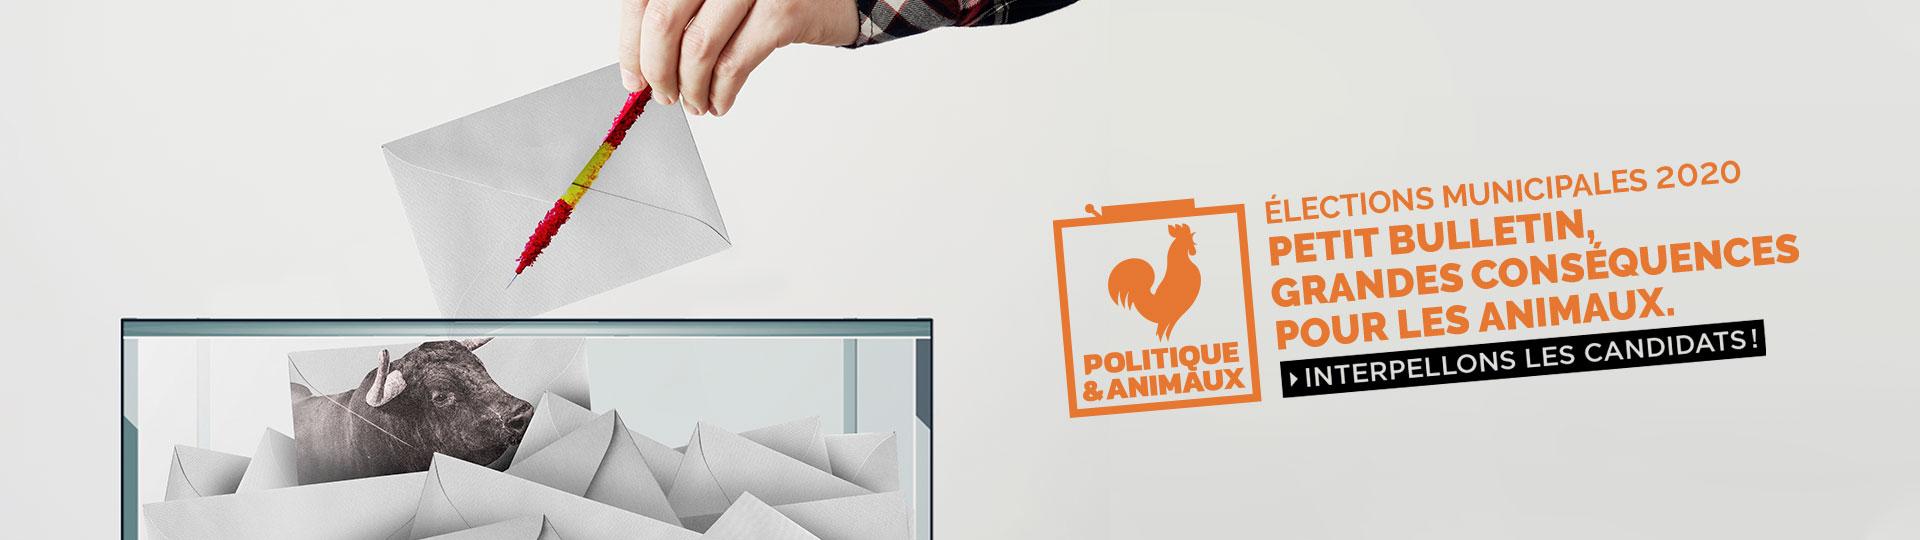 Actions pour les élections municipales